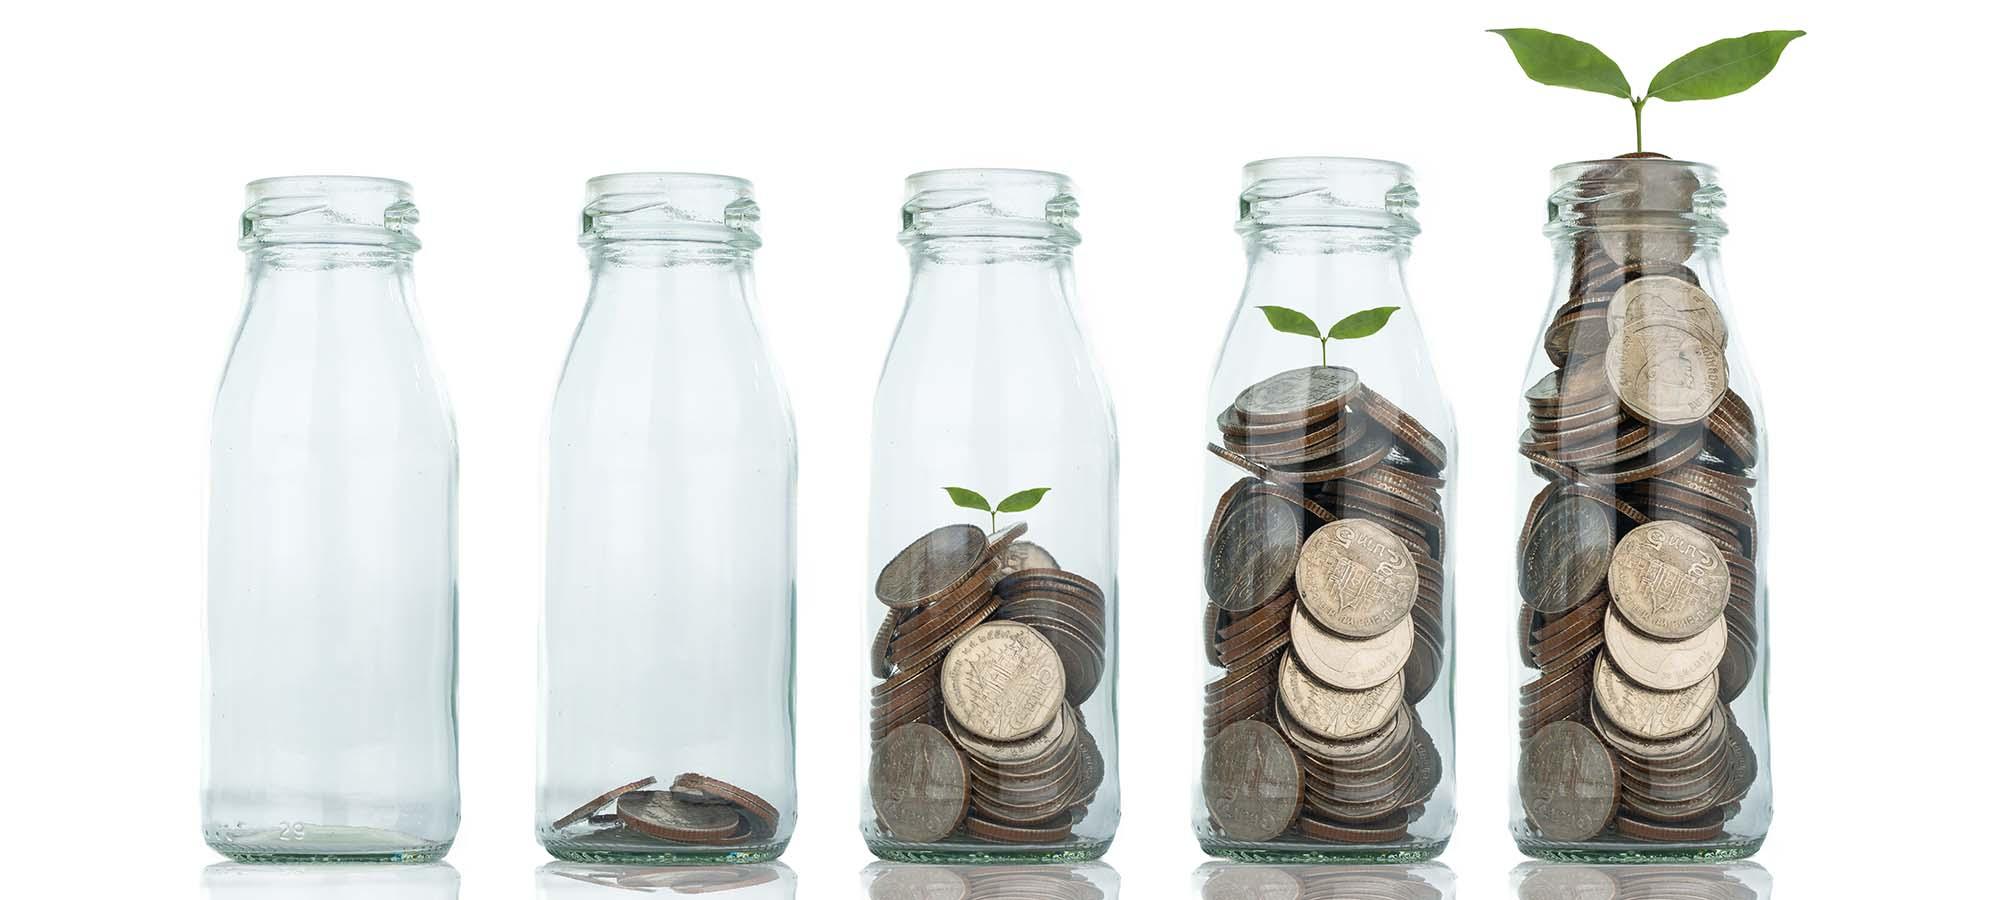 Glass med penger